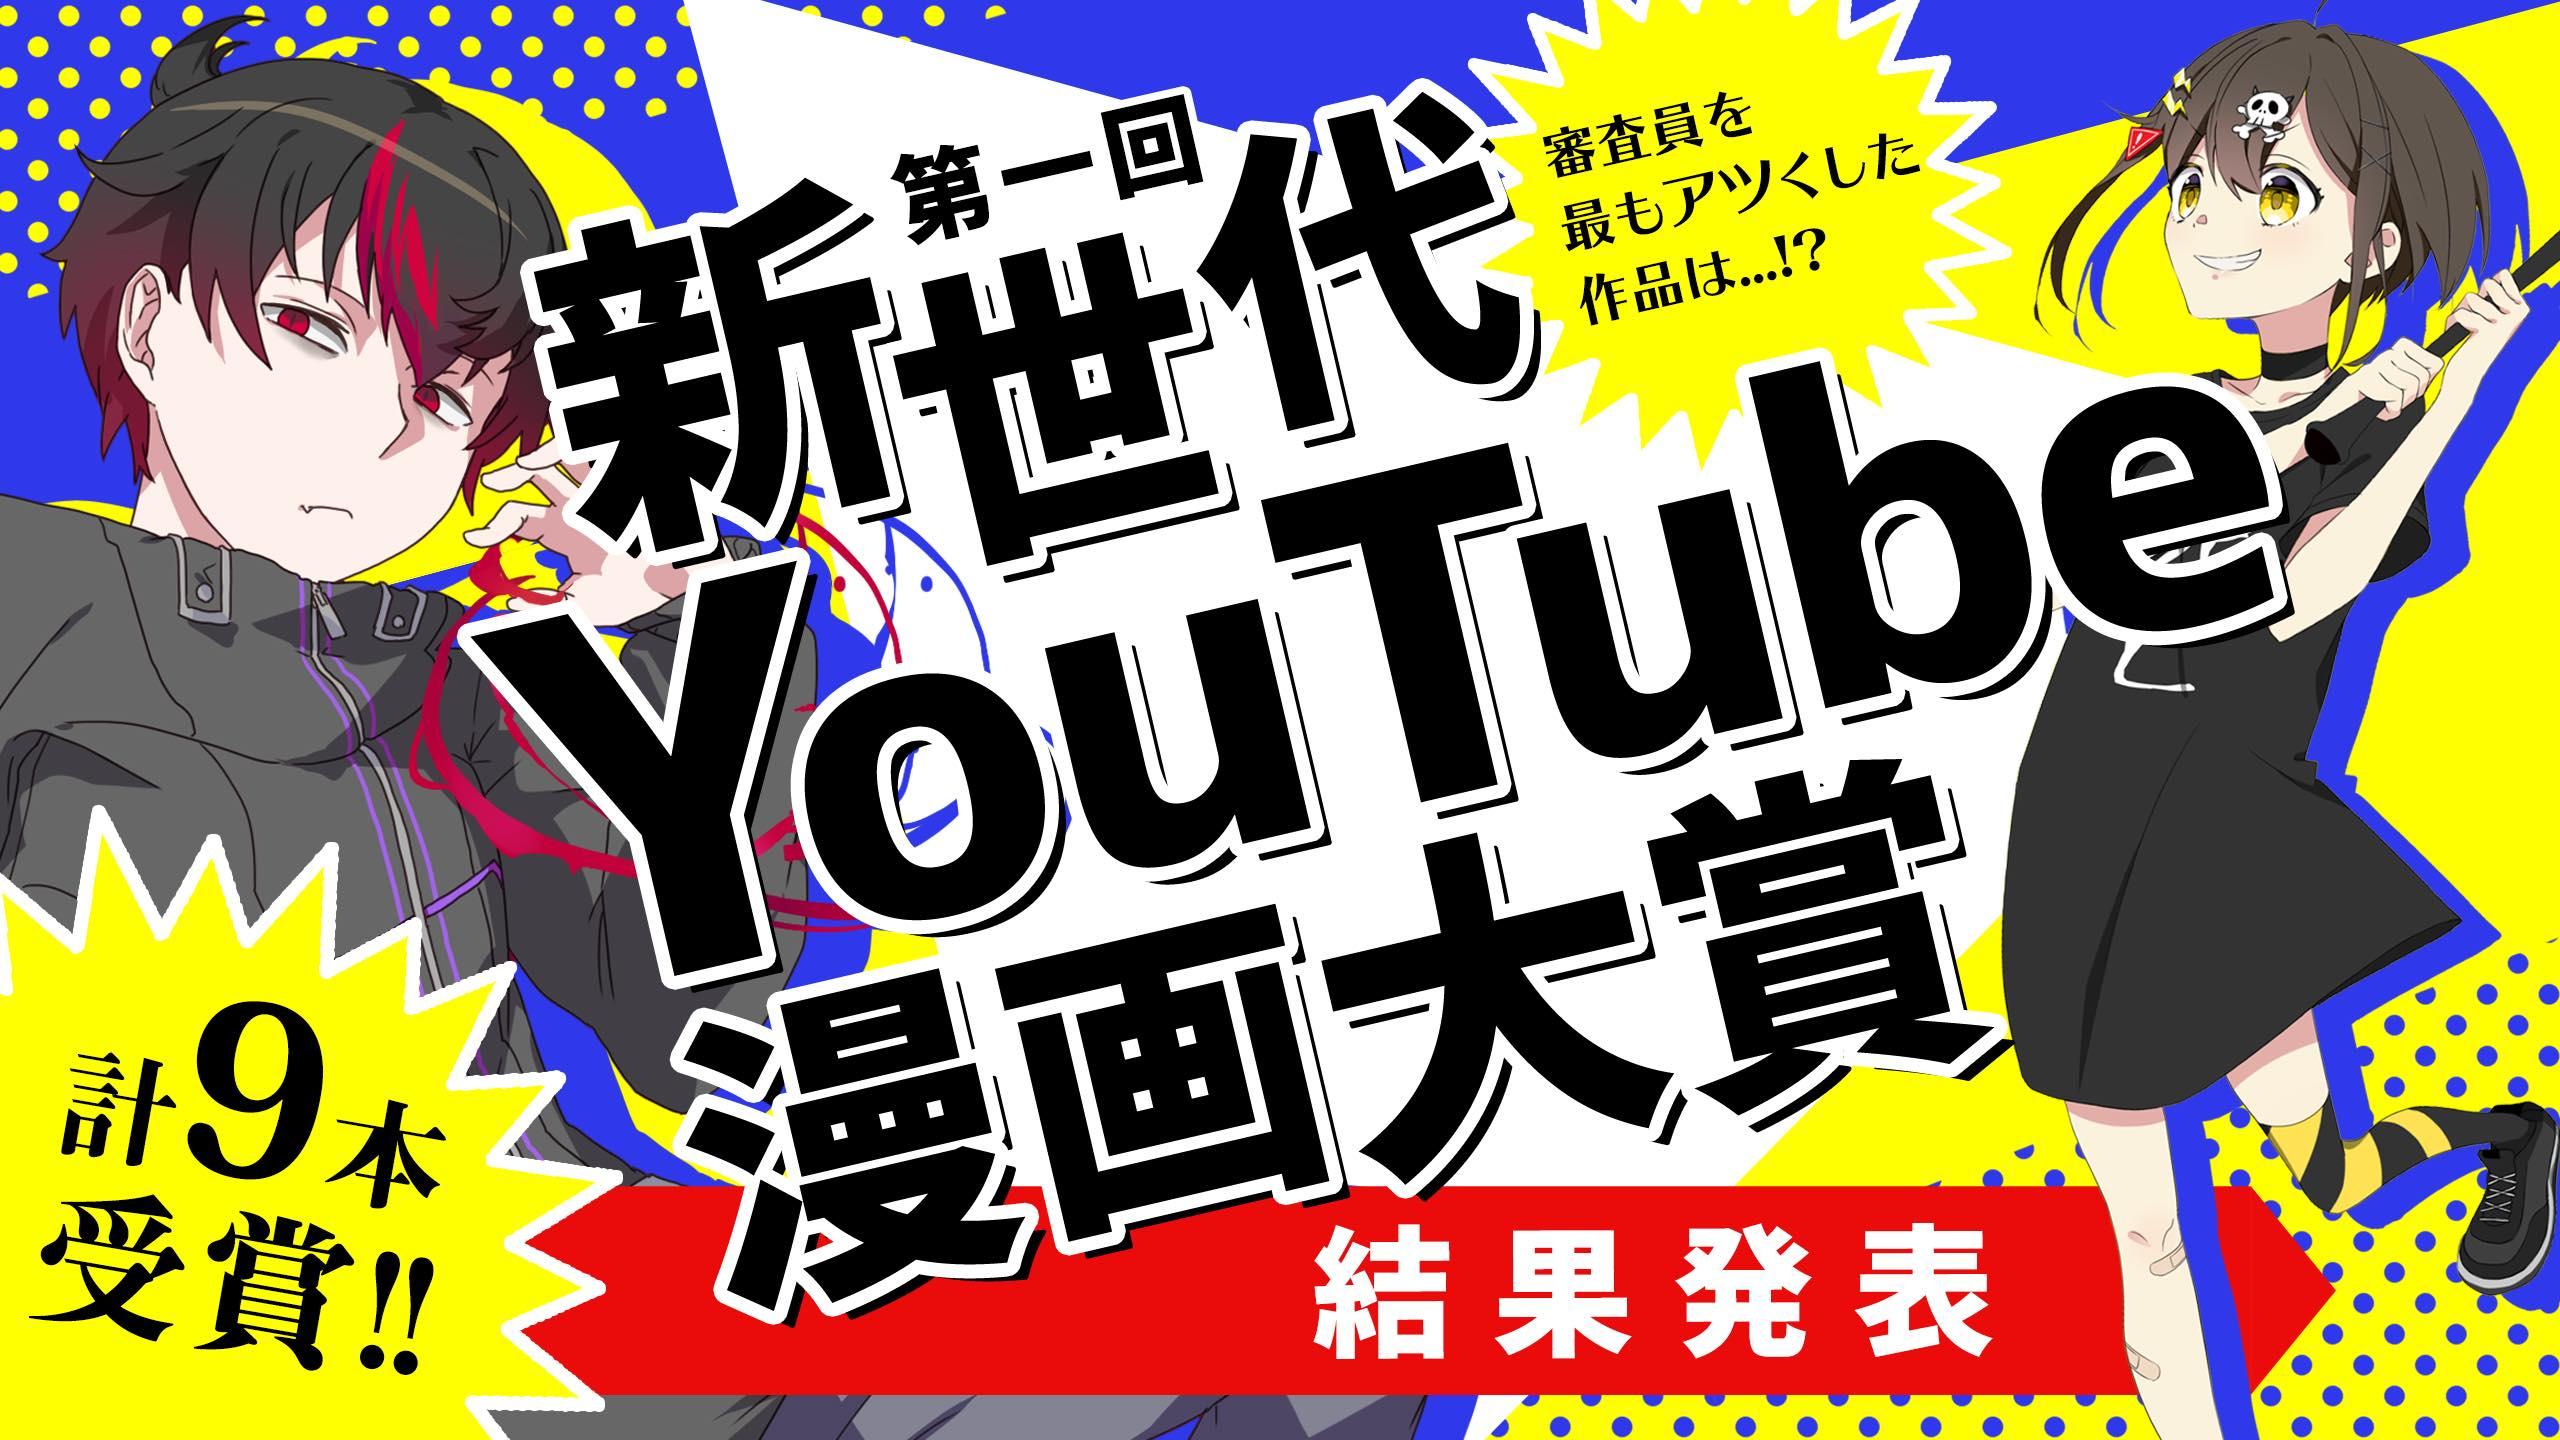 第一回新世代YouTube漫画大賞結果発表!「アンチヒーロージェネレーションズ」が入選を受賞でアニメ化決定